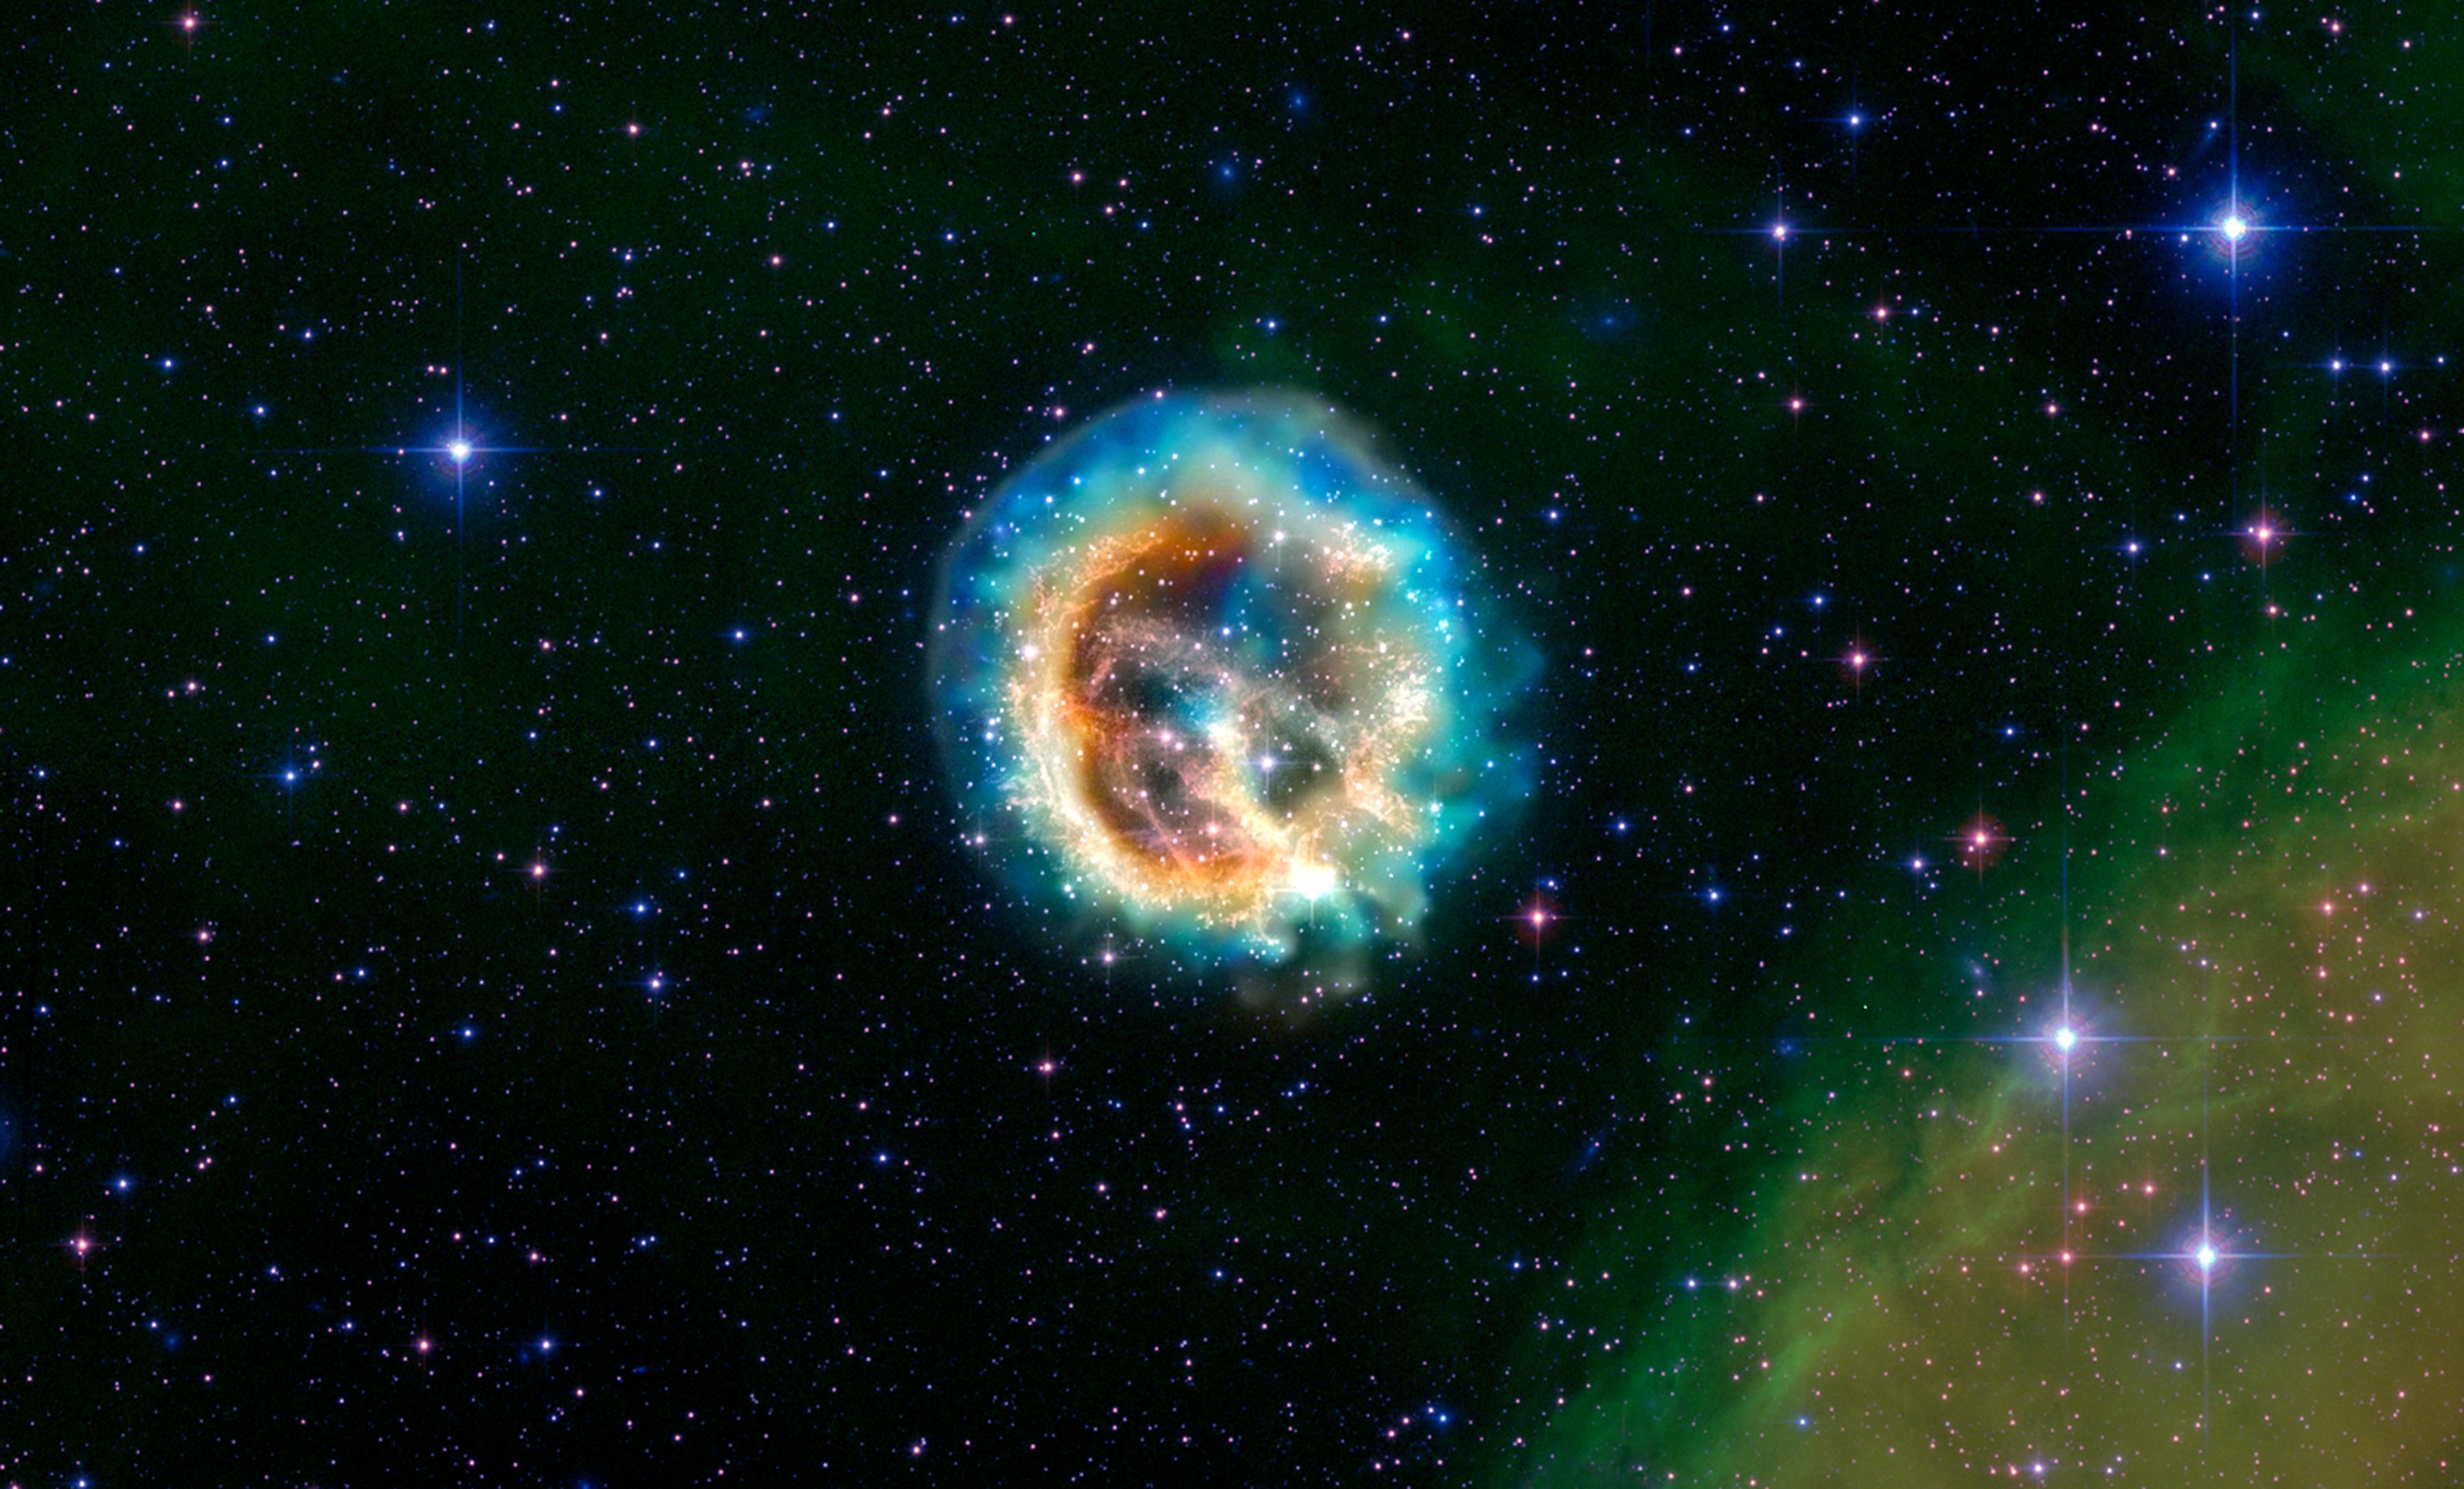 Мягкая или твёрдая? спор о том, что находится внутри нейтронной звезды